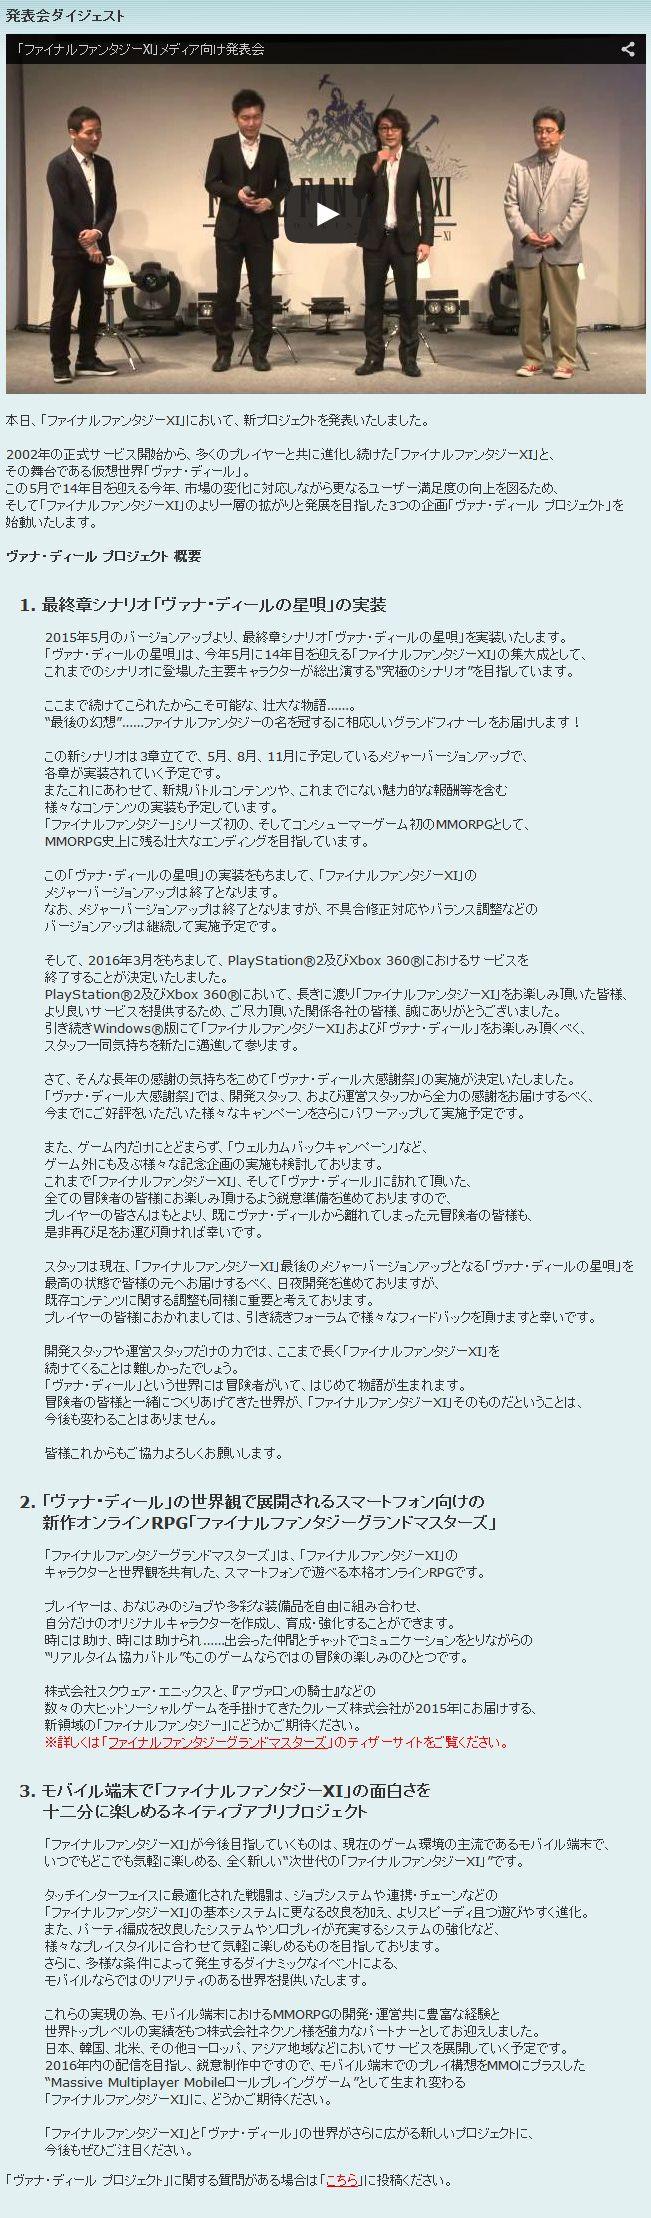 発表会ダイジェストFF11